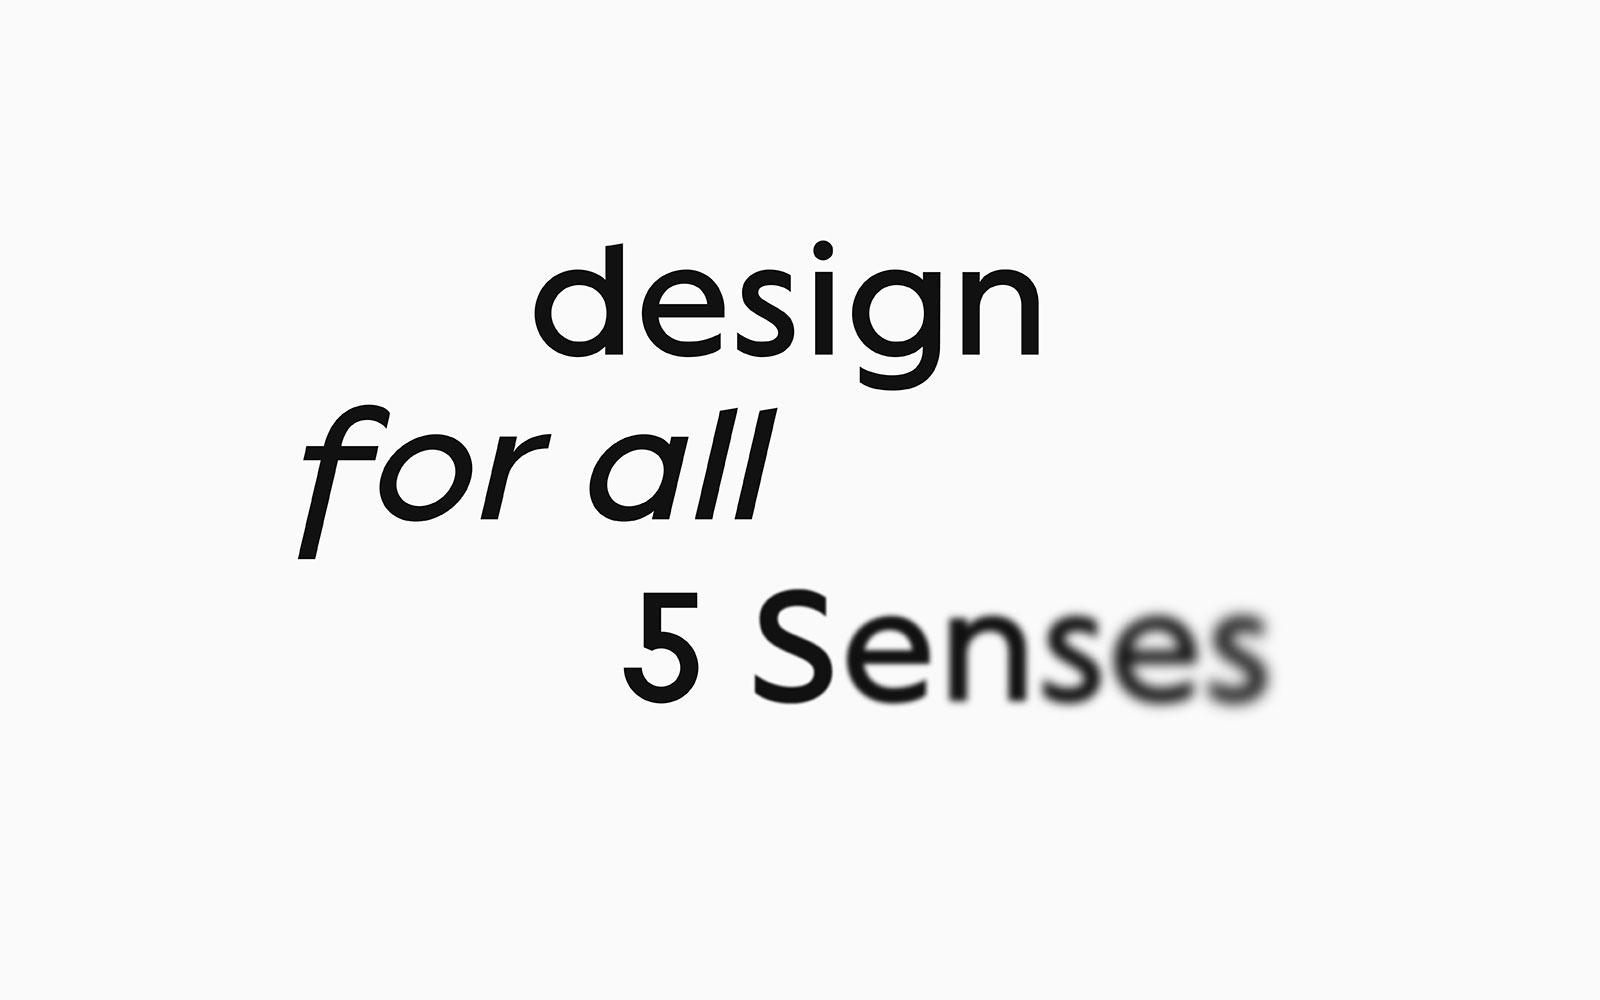 Design for all 5 senses